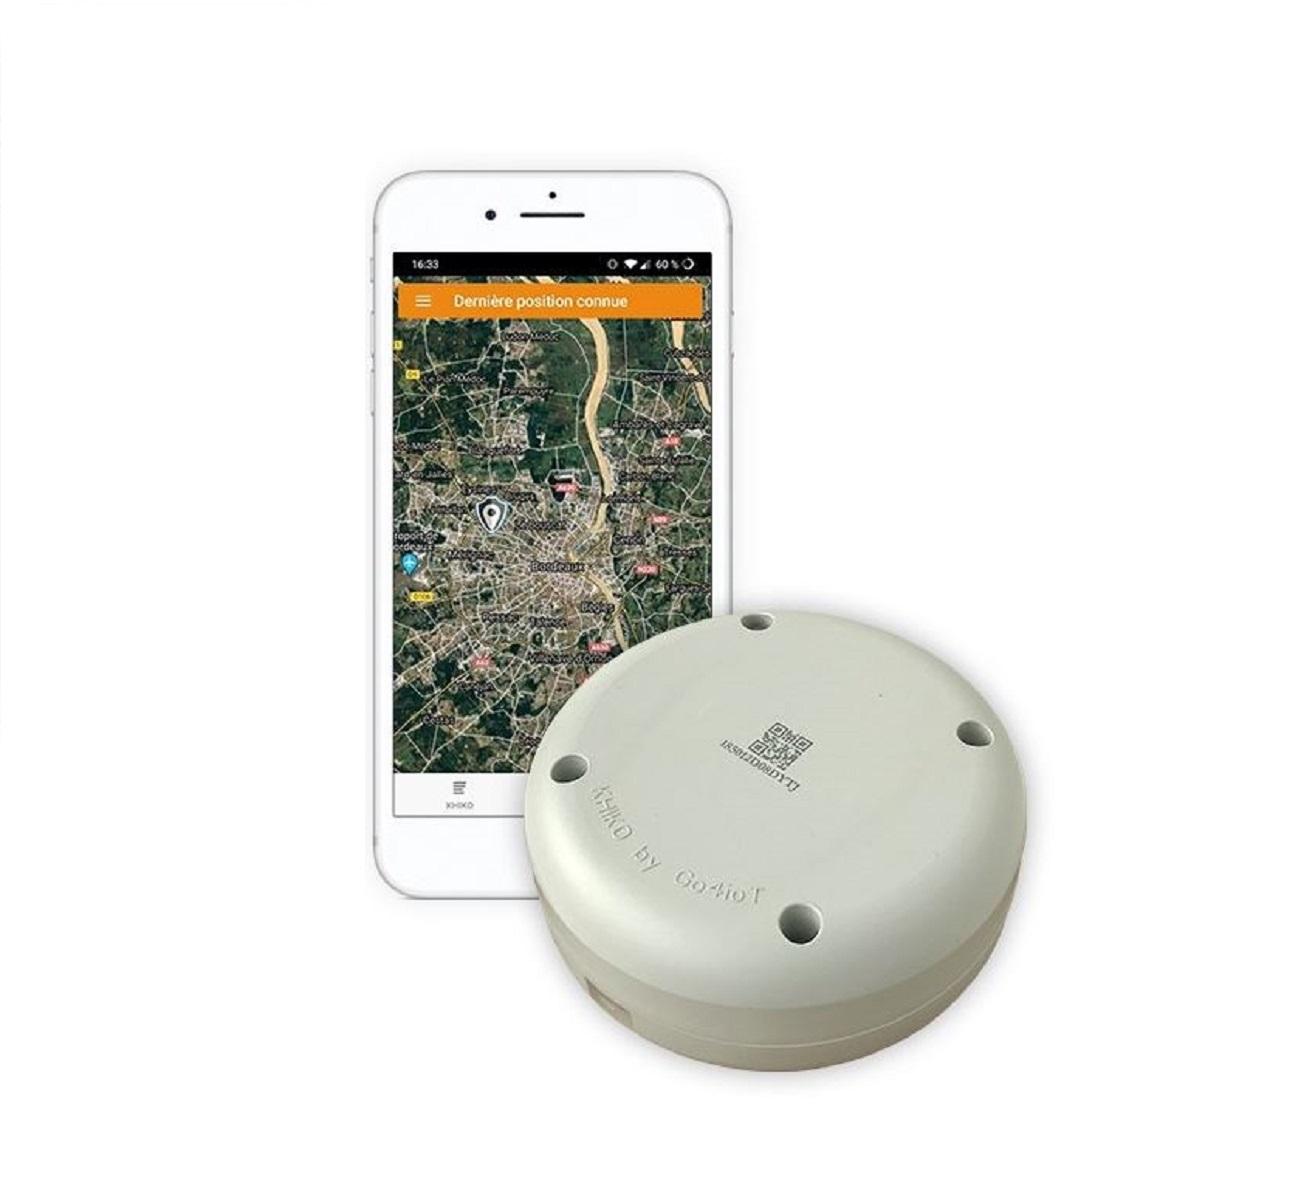 Antivol & Tracker GPS - Tout inclus et SANS abonnement